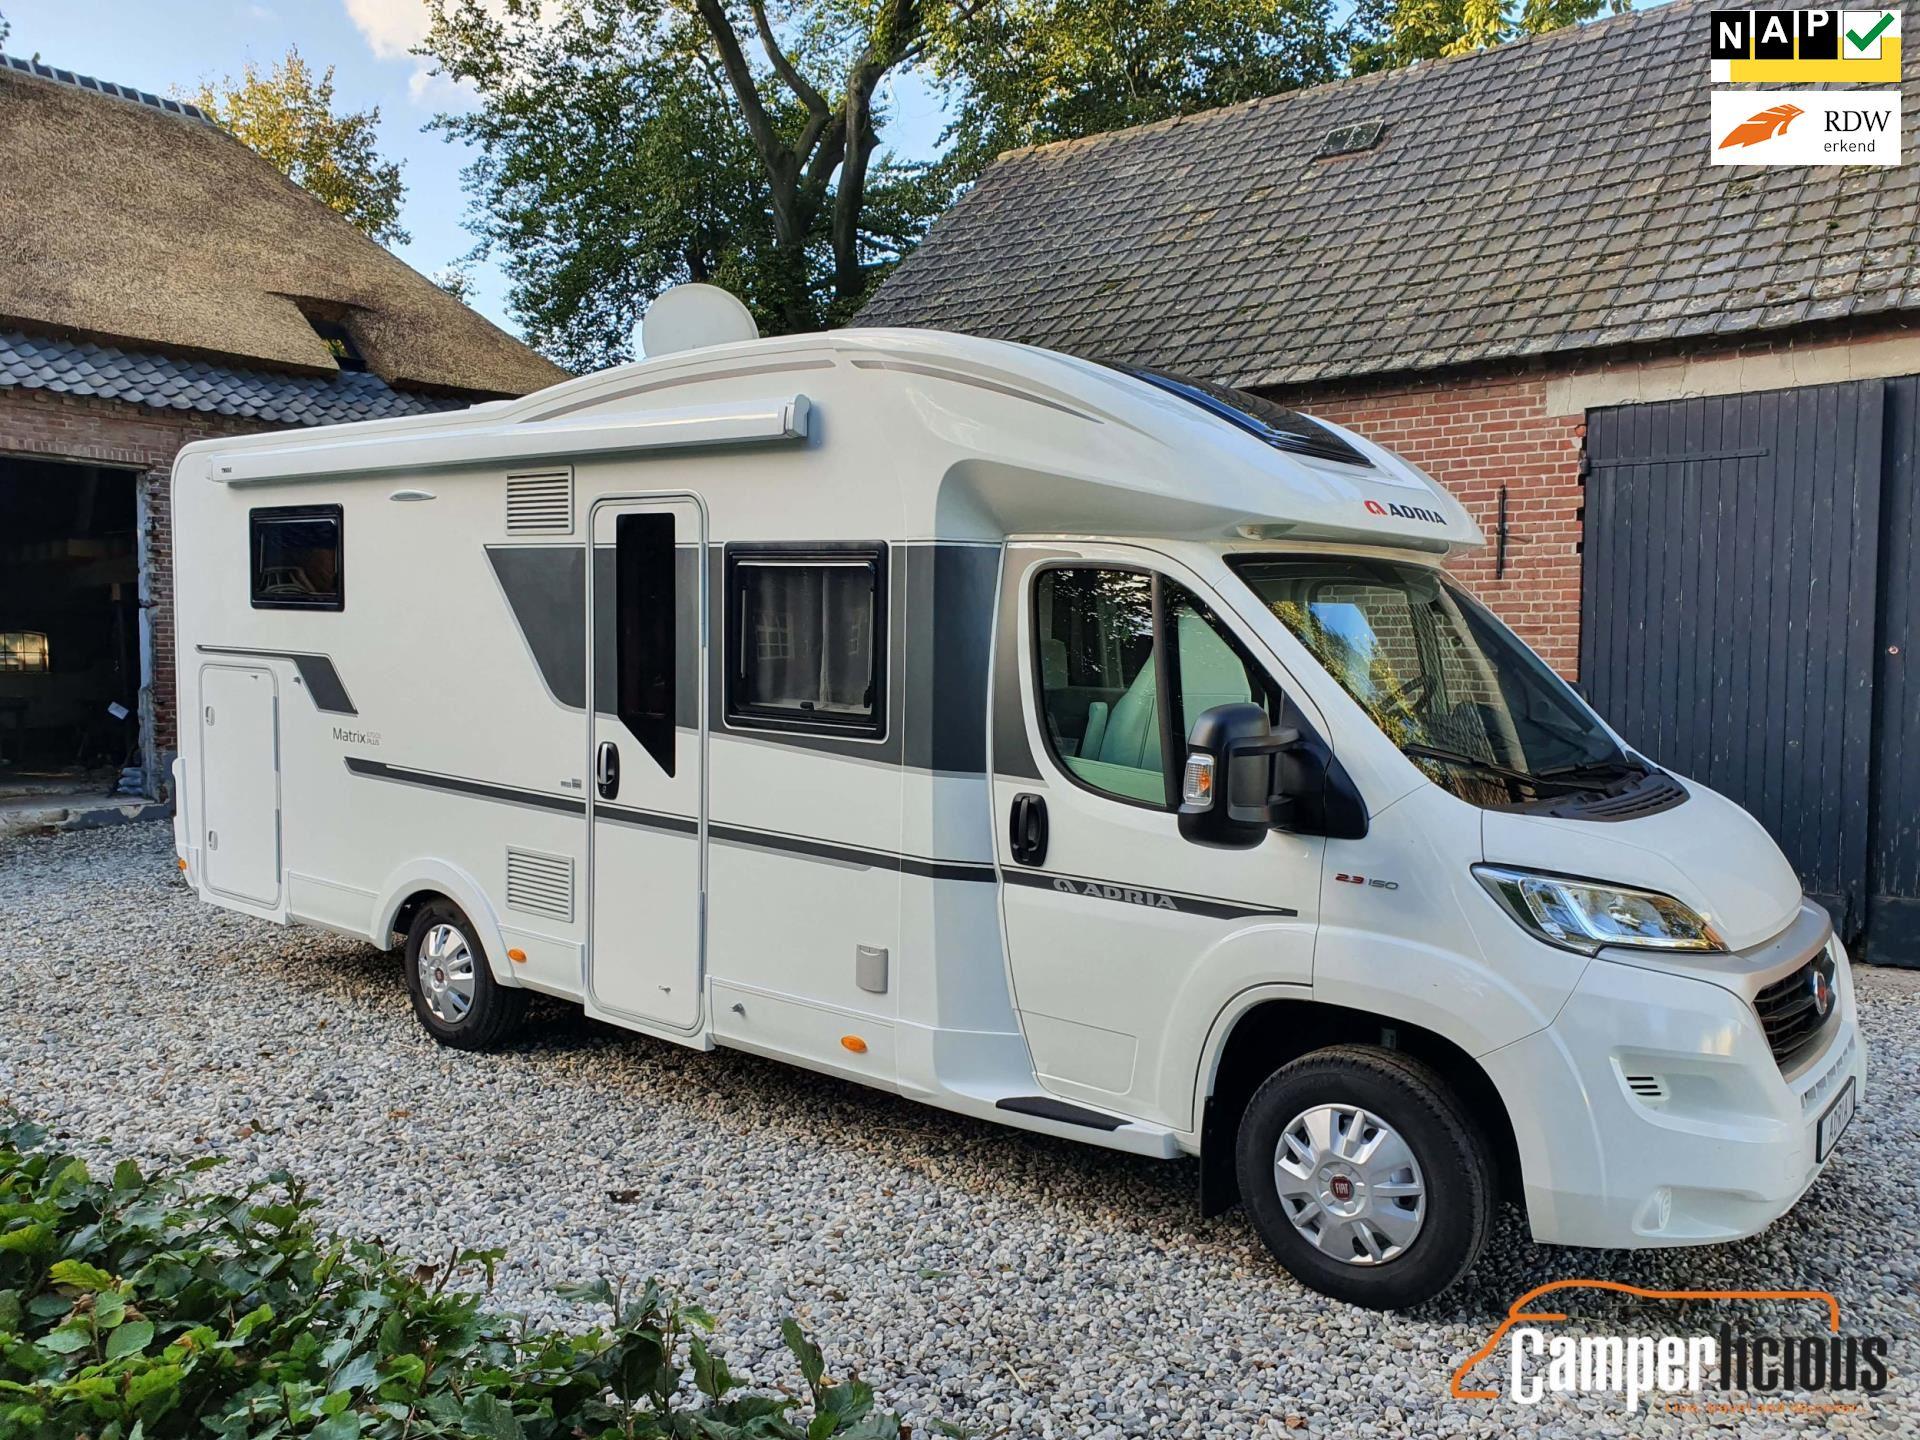 Adria Matrix 670 DL Plus Enkele bedden, Trekhaak, Nieuwstaat occasion - Camperlicious